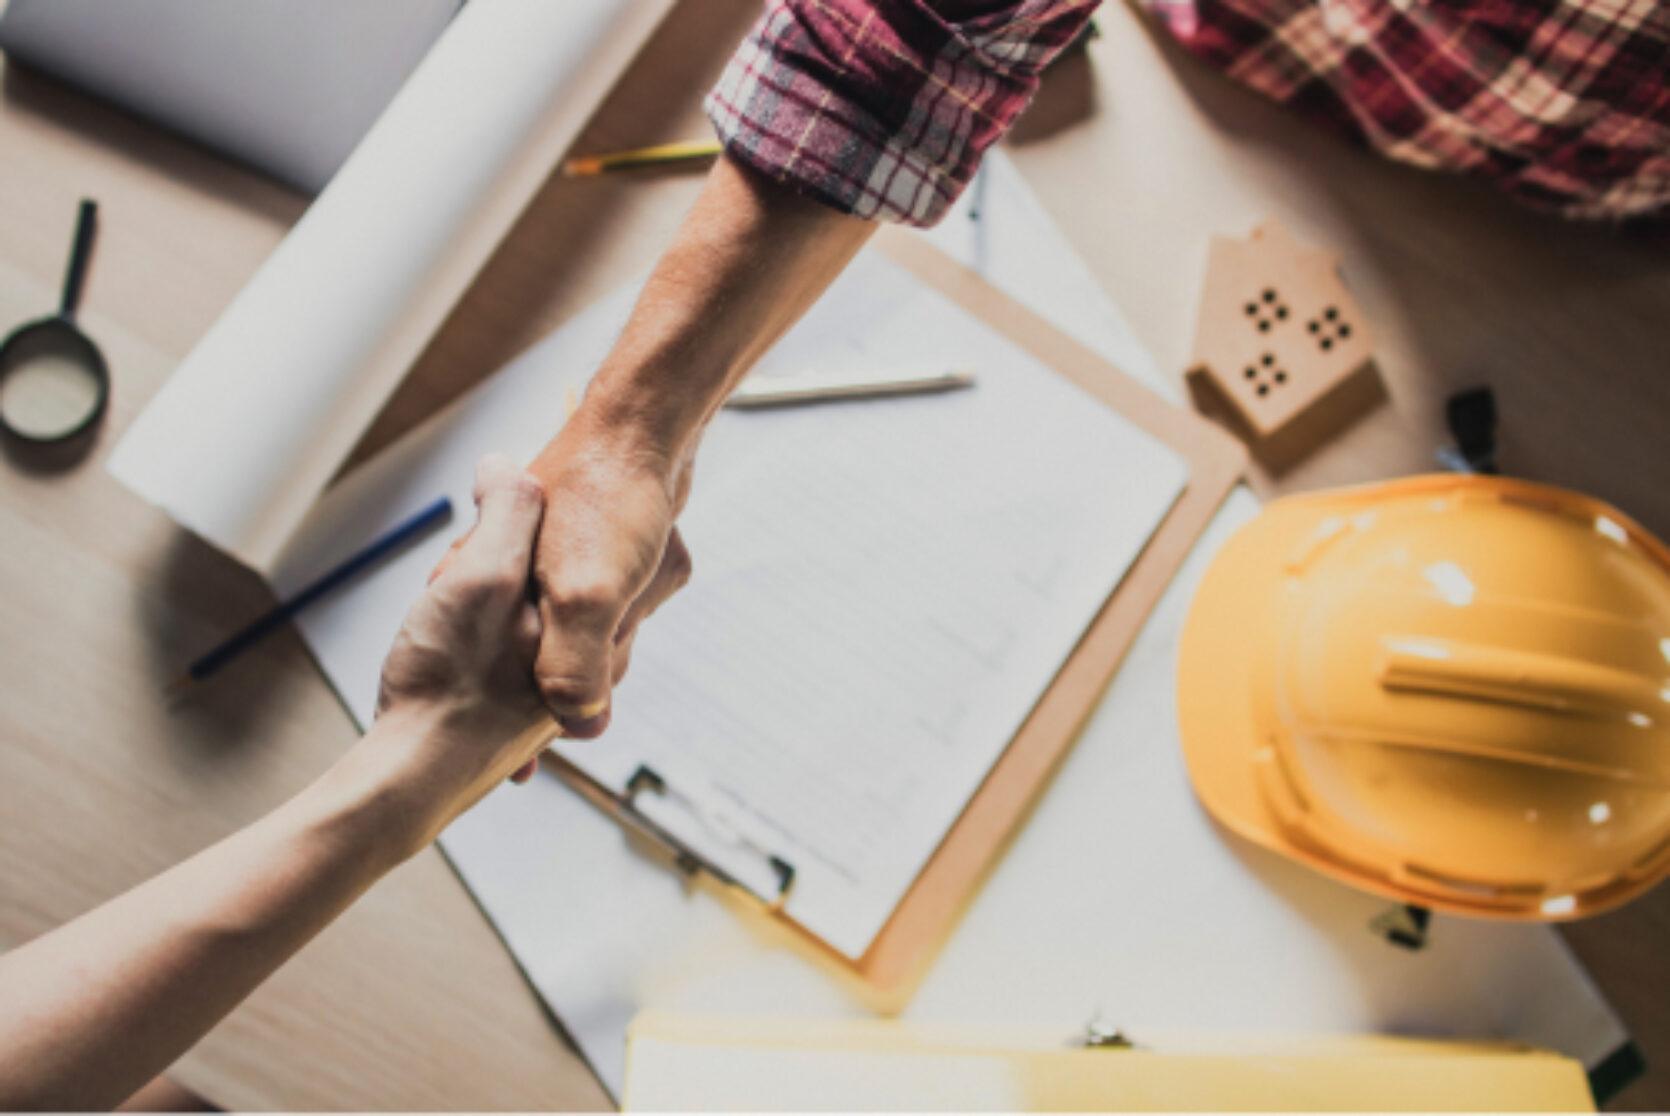 To hender i et håndtrykk sett ovenfra, på bordet under ligger en det en kontrakt for håndverkstjenester og en vernehjelm